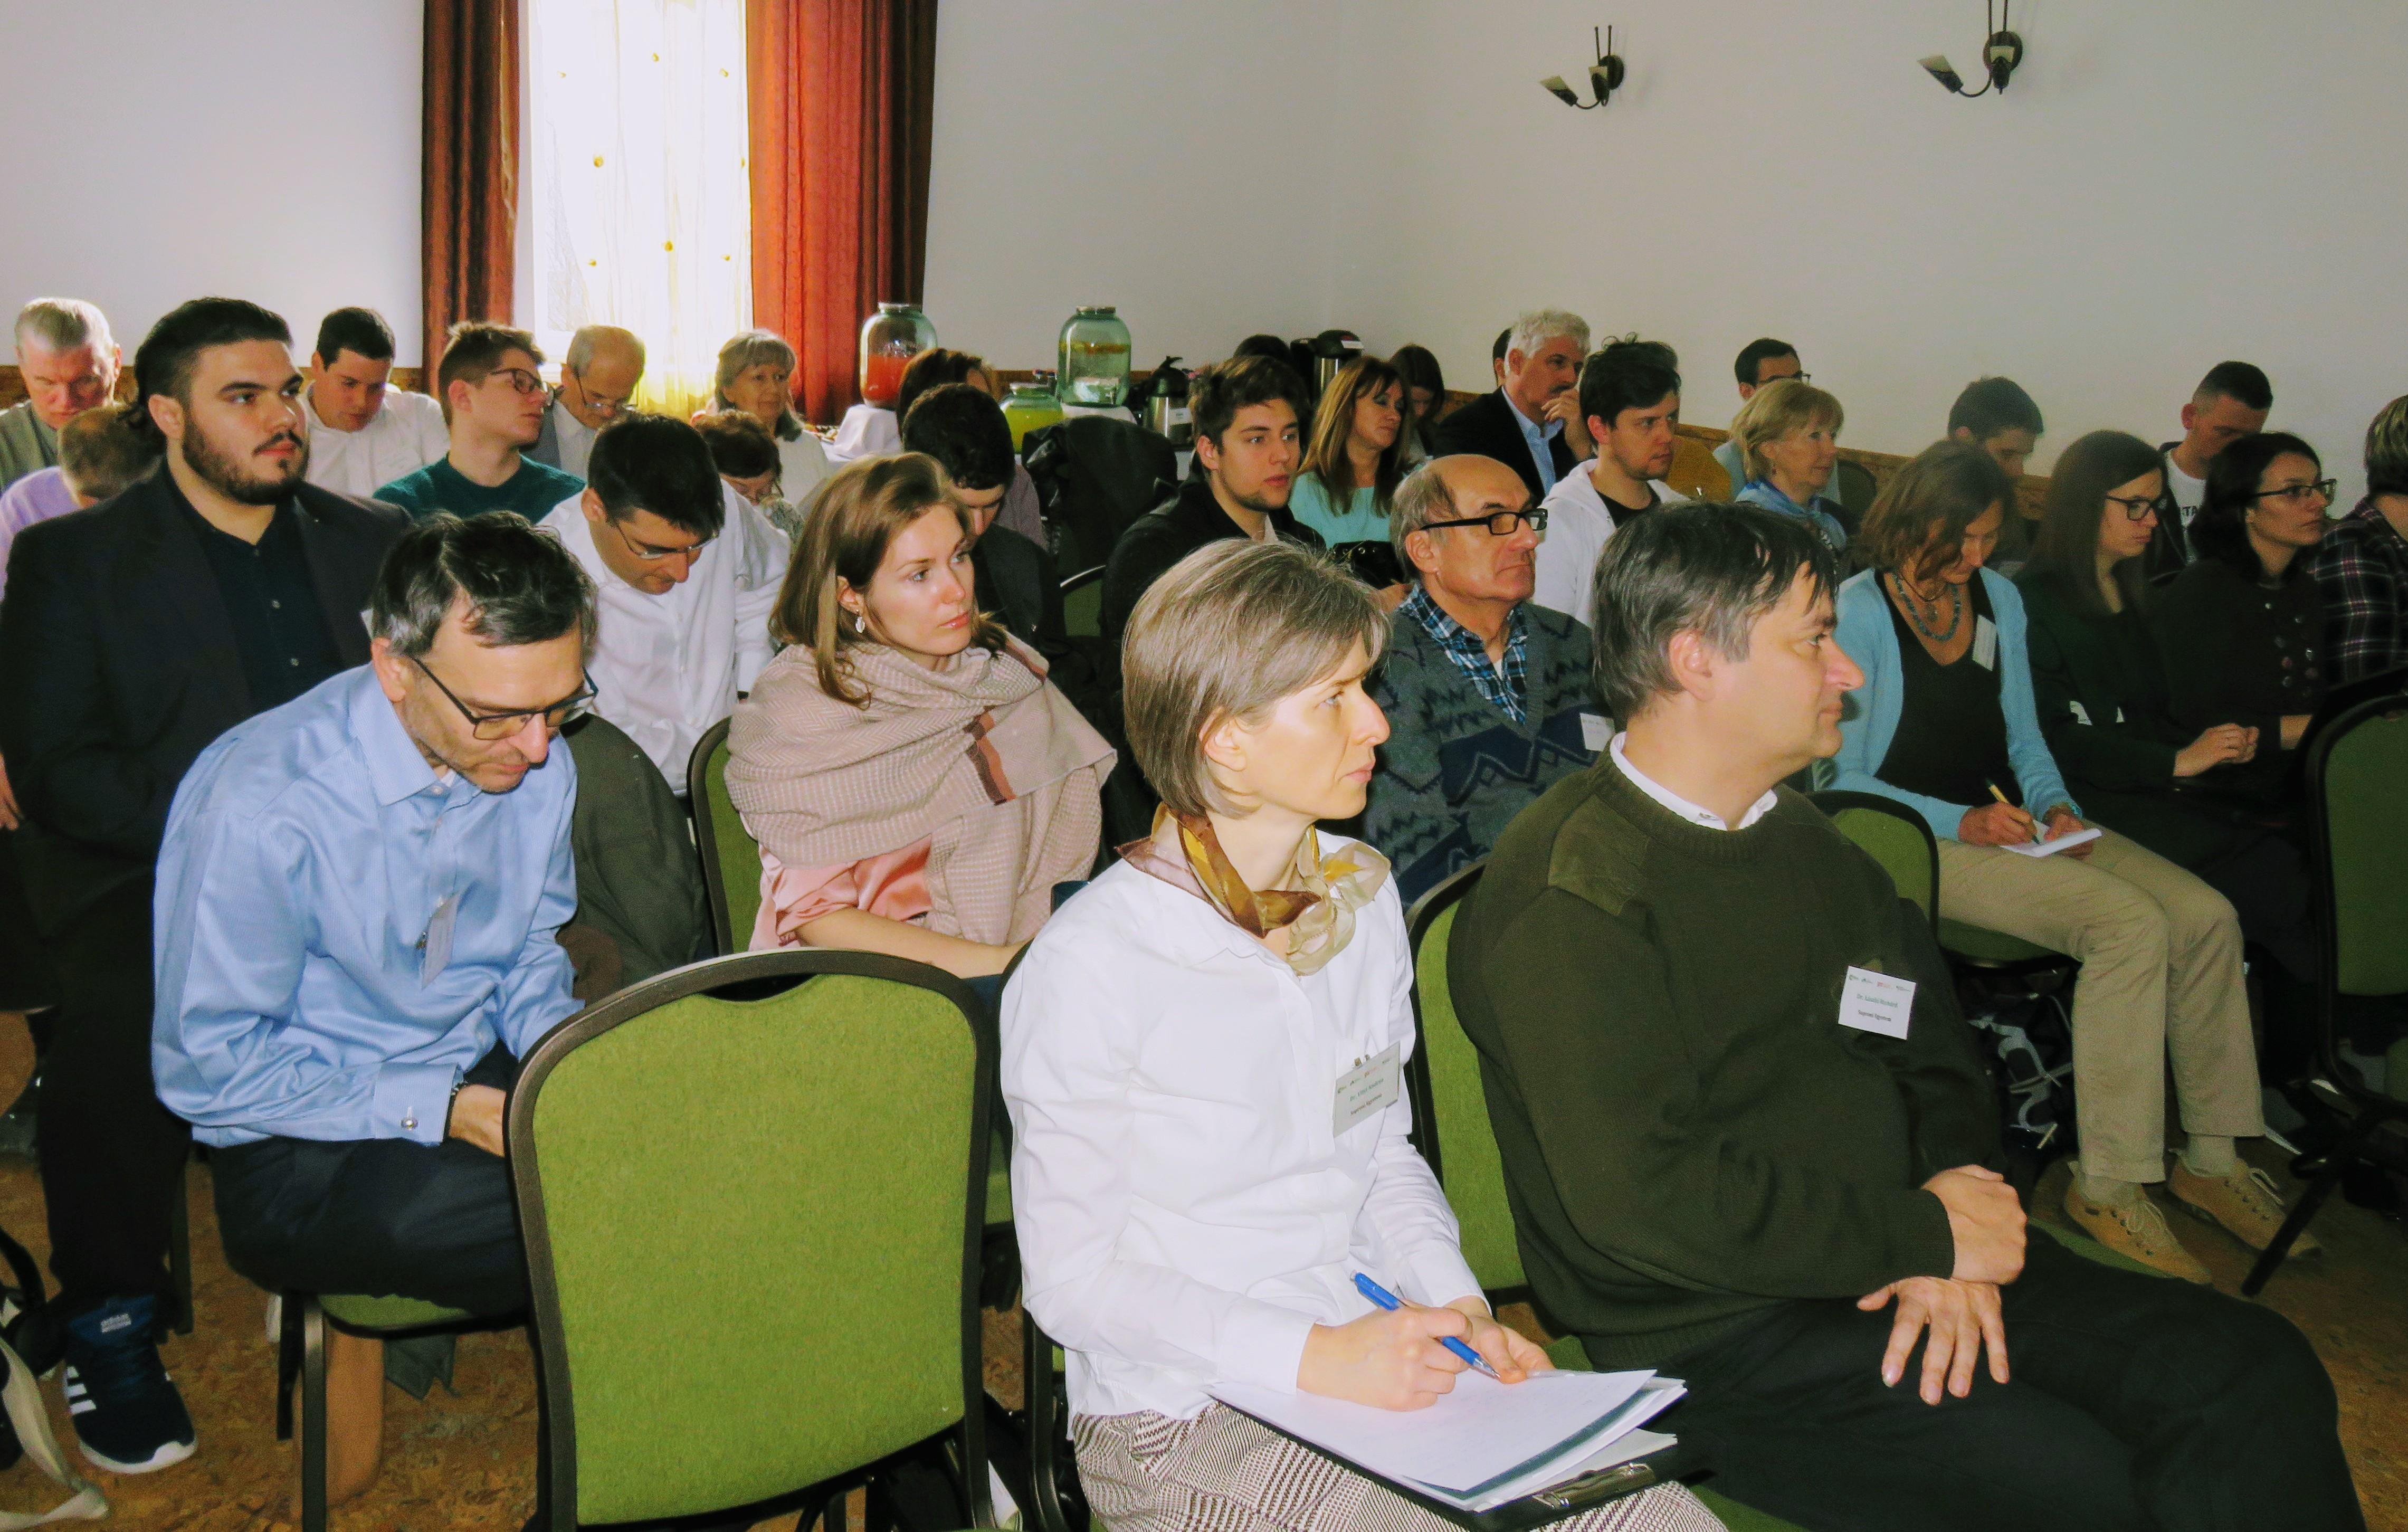 Vortrag auf der Konferenz